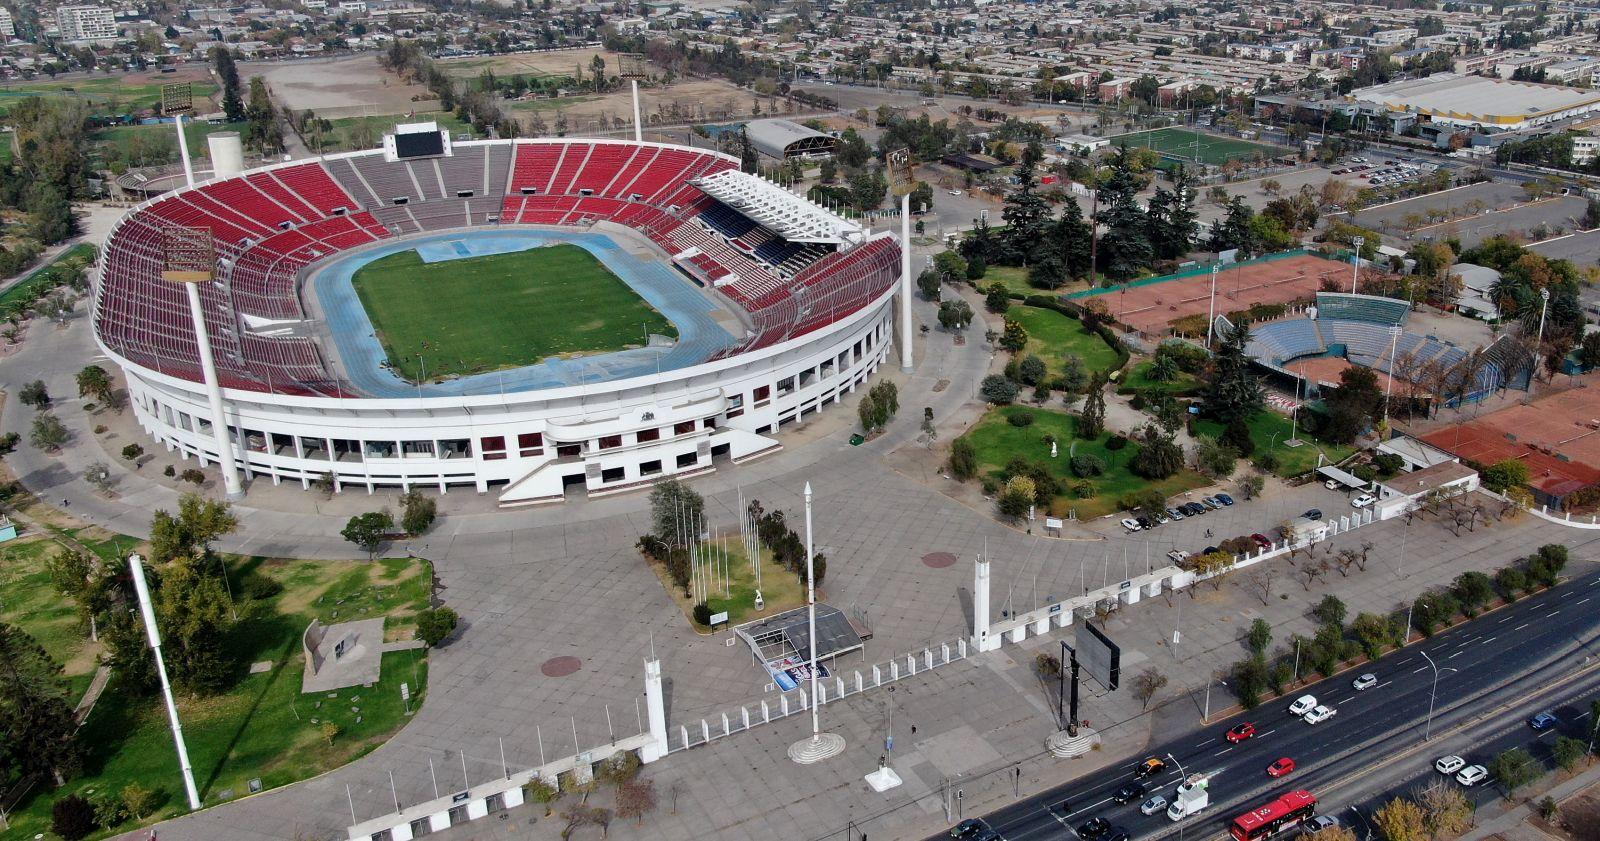 Las razones para que el Estadio Nacional quedara fuera del listado de recintos habilitados para el fútbol